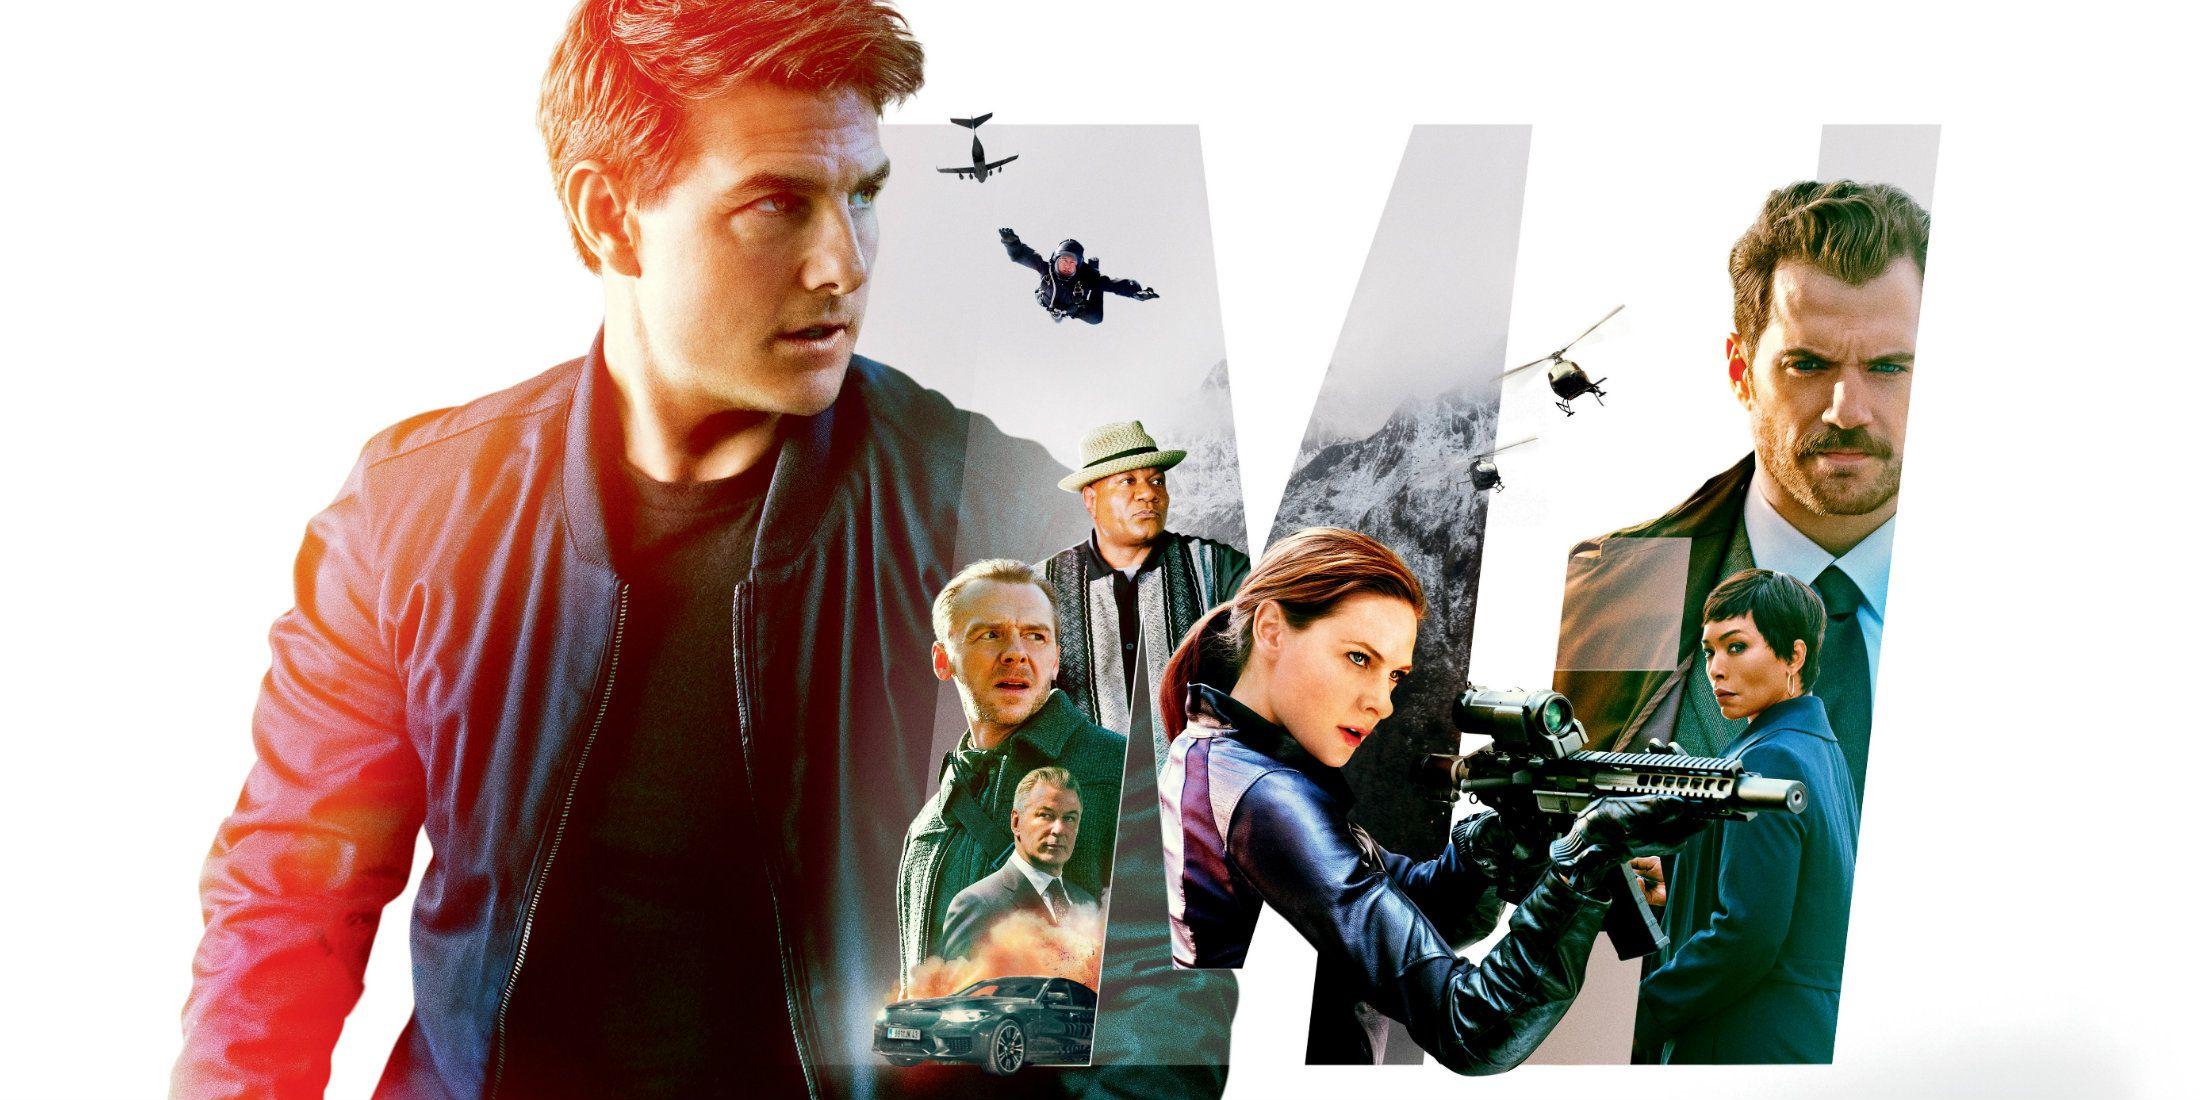 Horarios de películas de Sunstar Cinemas 26 de julio